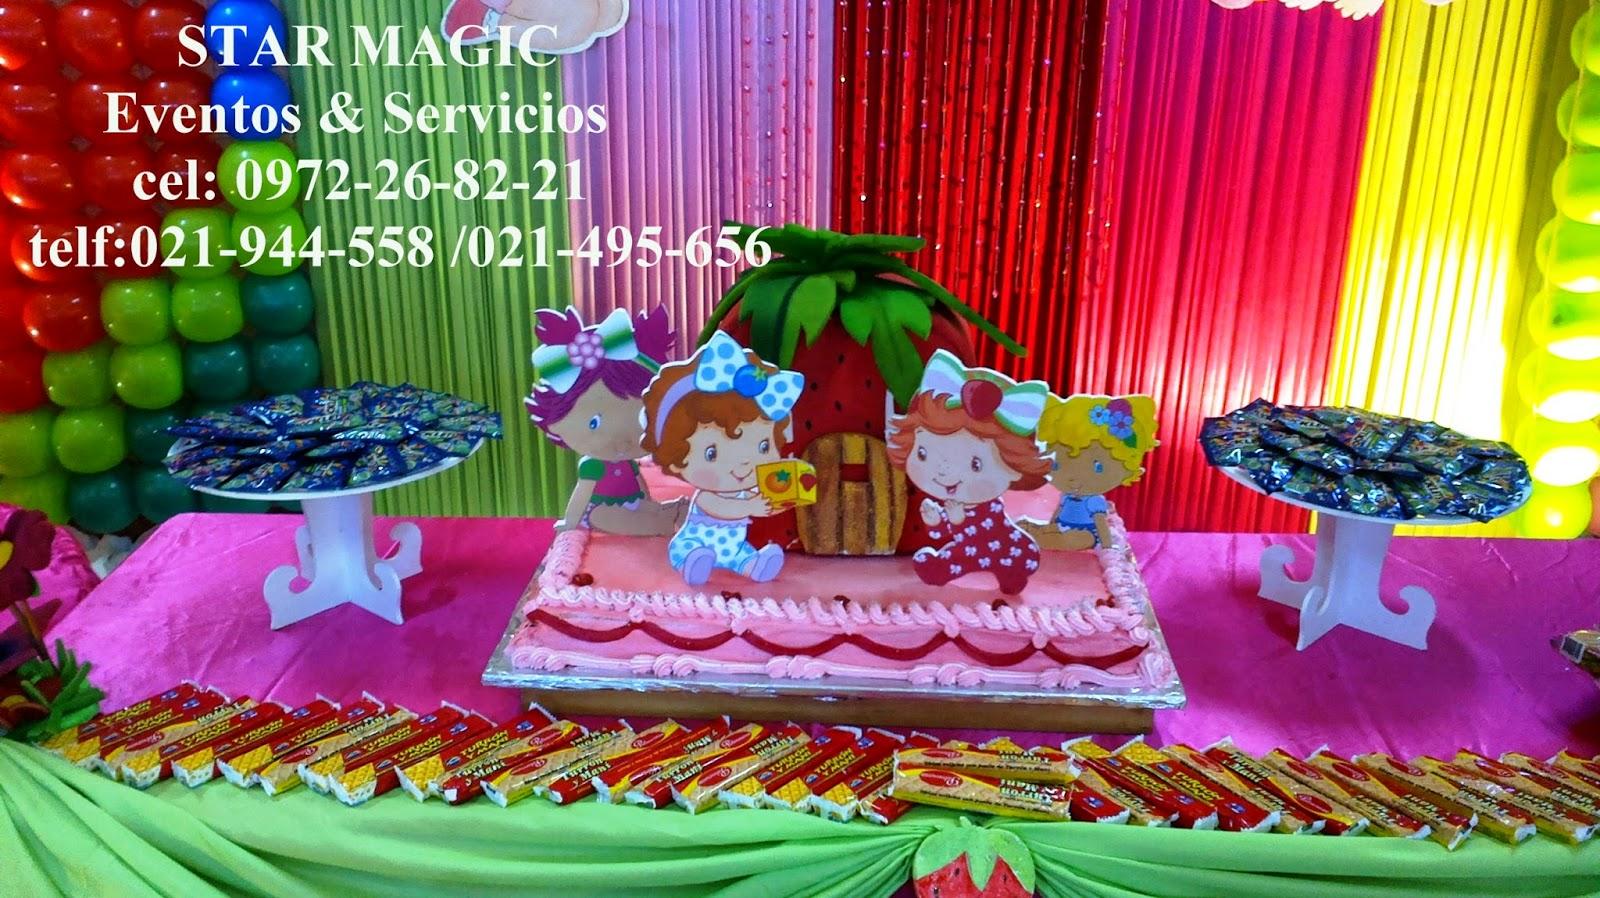 STAR MAGIC Decoracion de Fiestas y Eventos: decoraciones ...